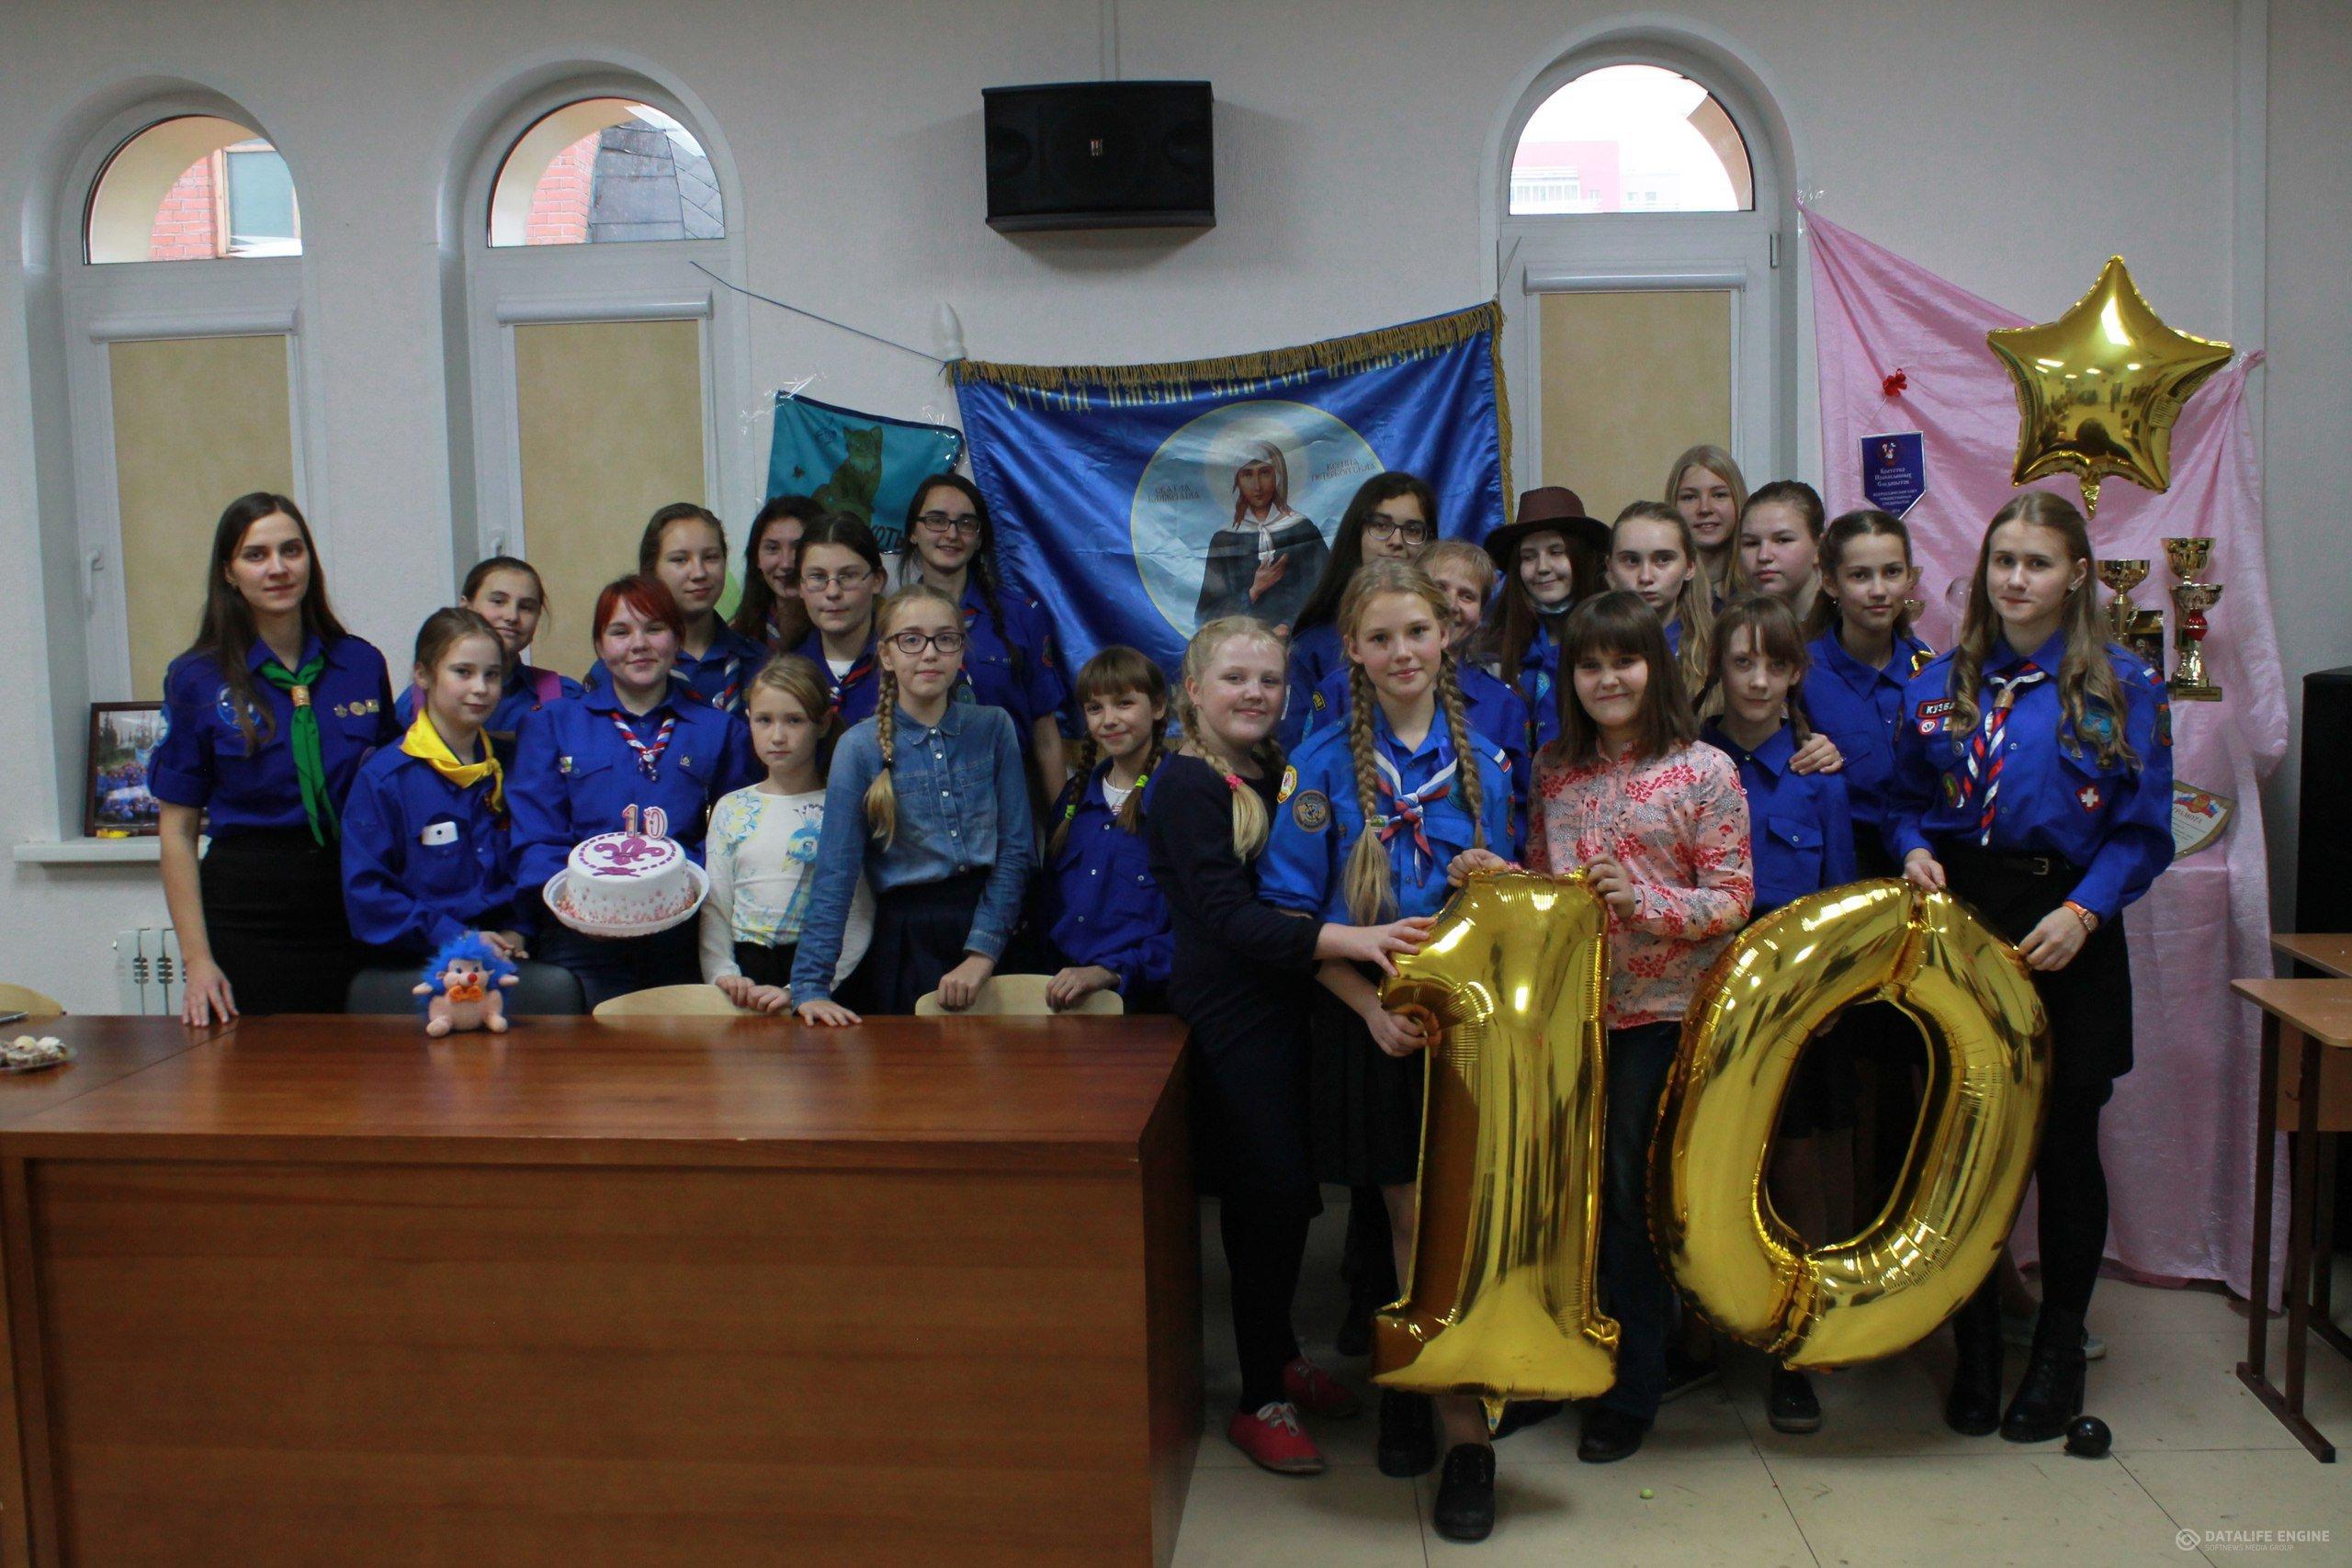 Десятилетний юбилей следопытского отряда в Кемерово (+ ВИДЕО)